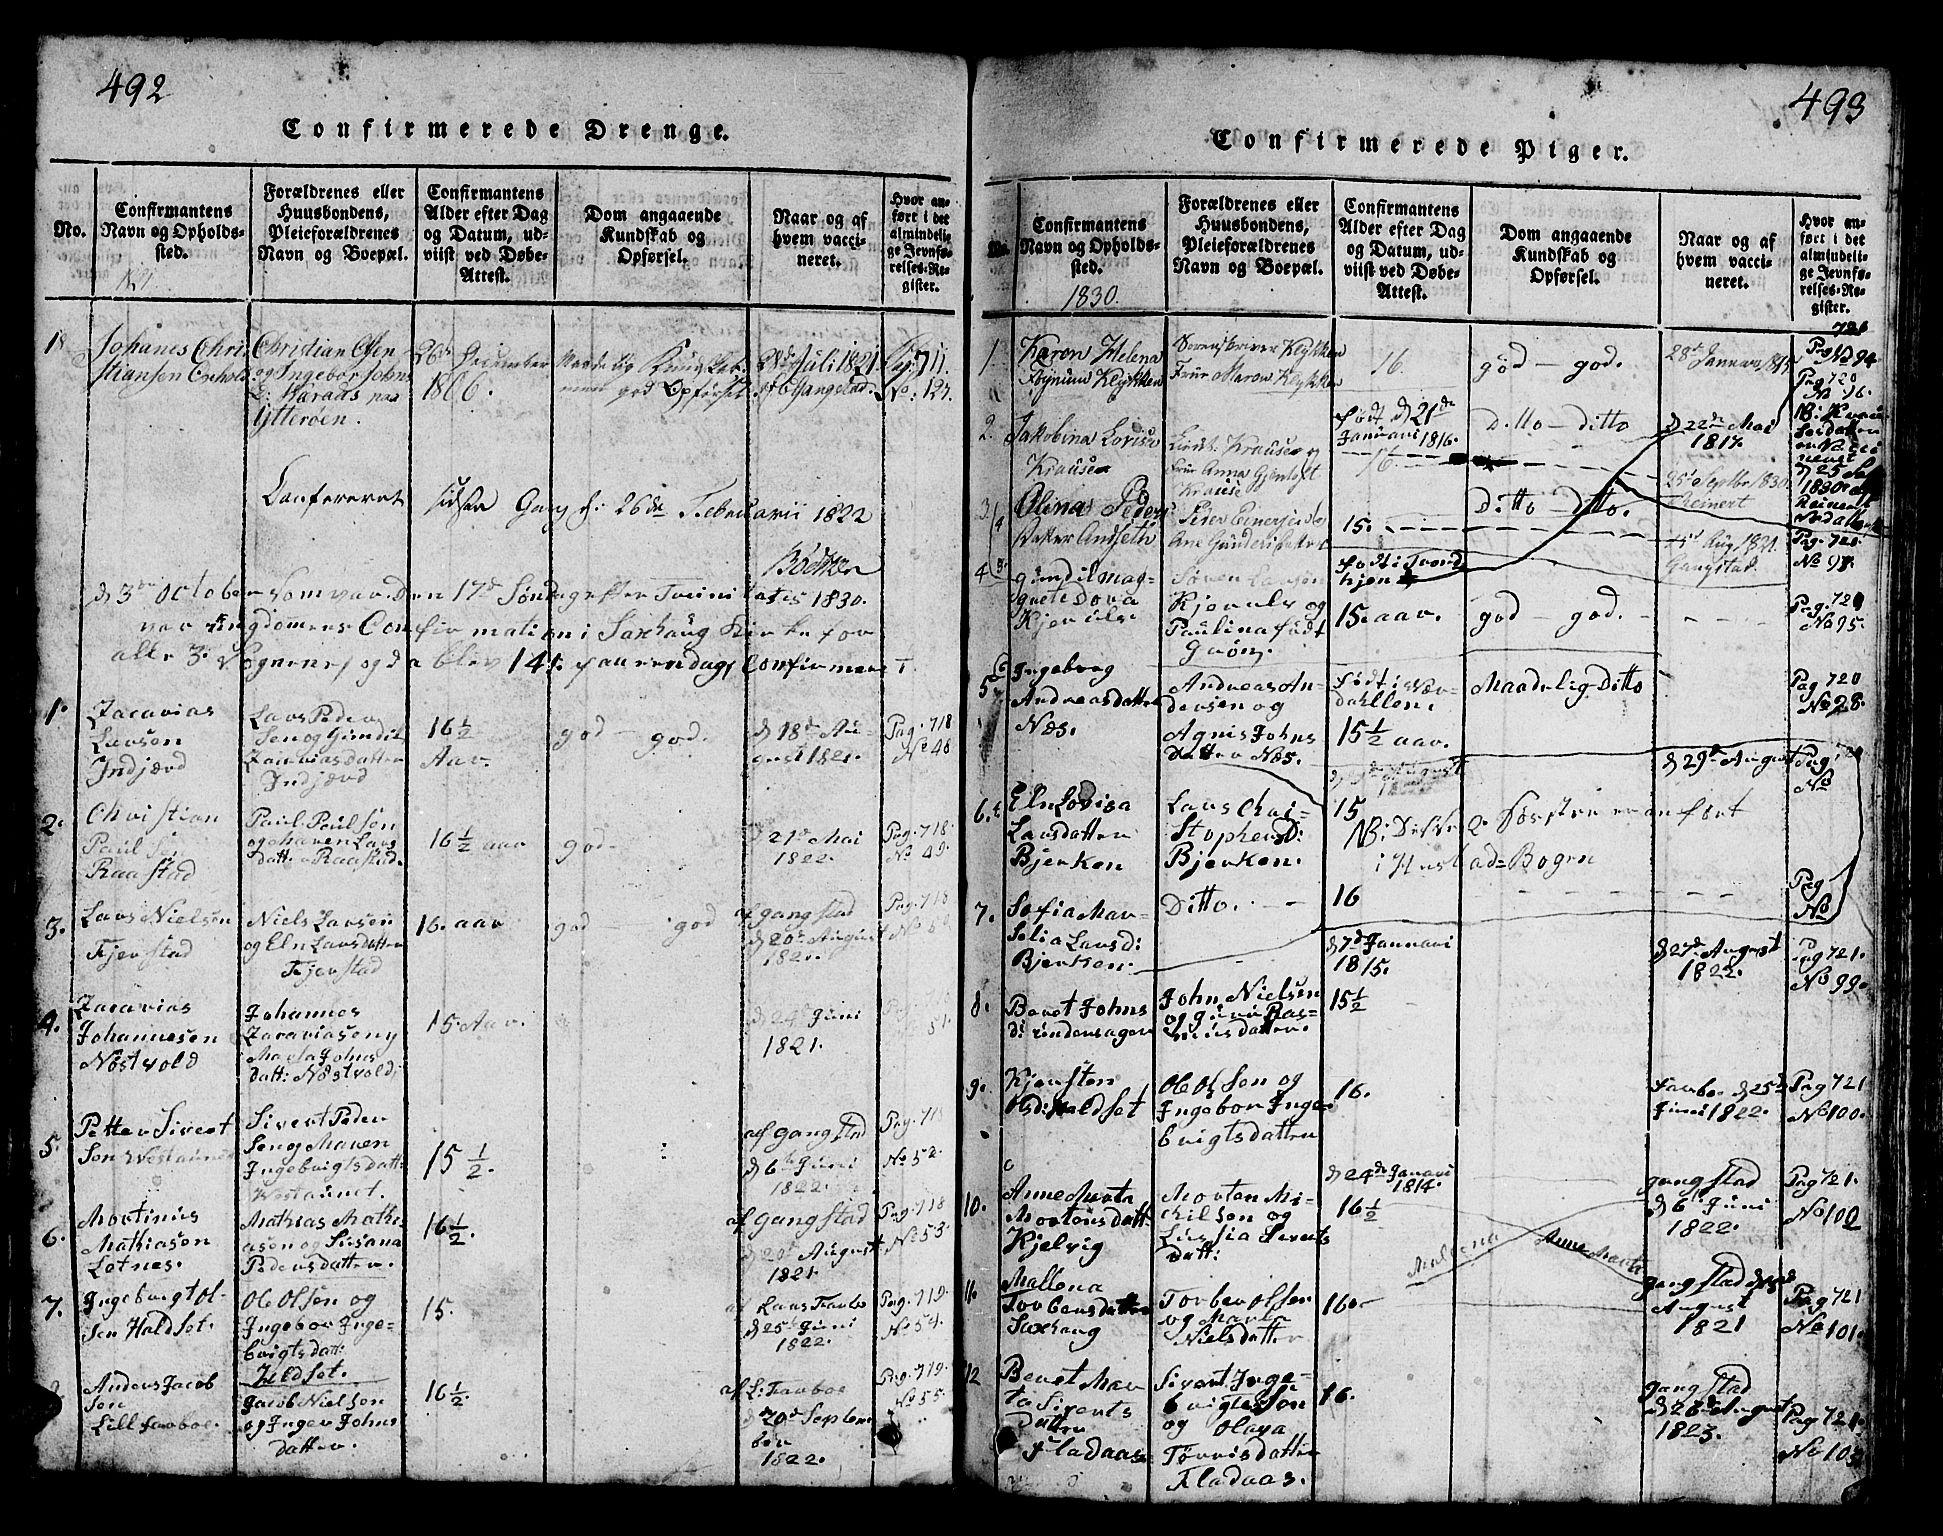 SAT, Ministerialprotokoller, klokkerbøker og fødselsregistre - Nord-Trøndelag, 730/L0298: Klokkerbok nr. 730C01, 1816-1849, s. 492-493